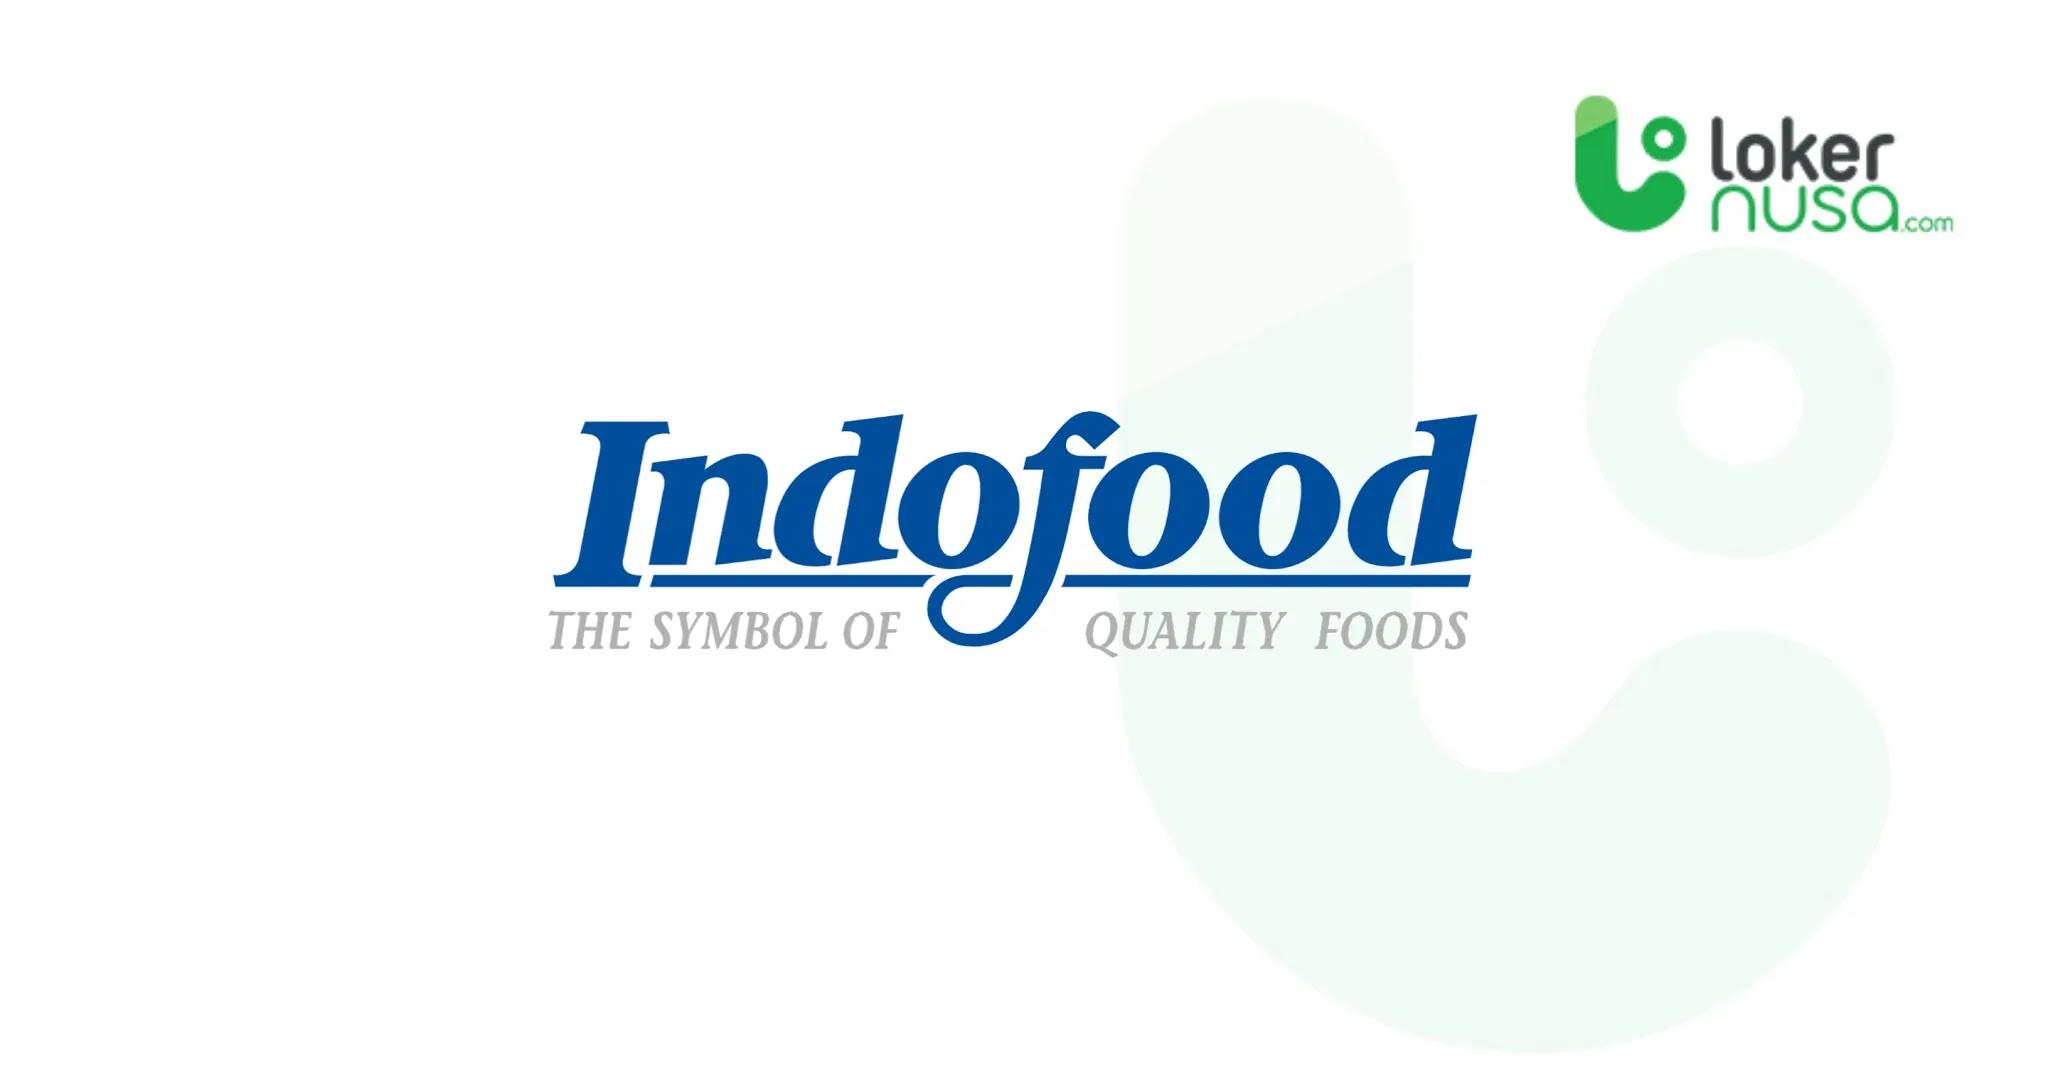 Lowongan Kerja Kalimantan Indofood